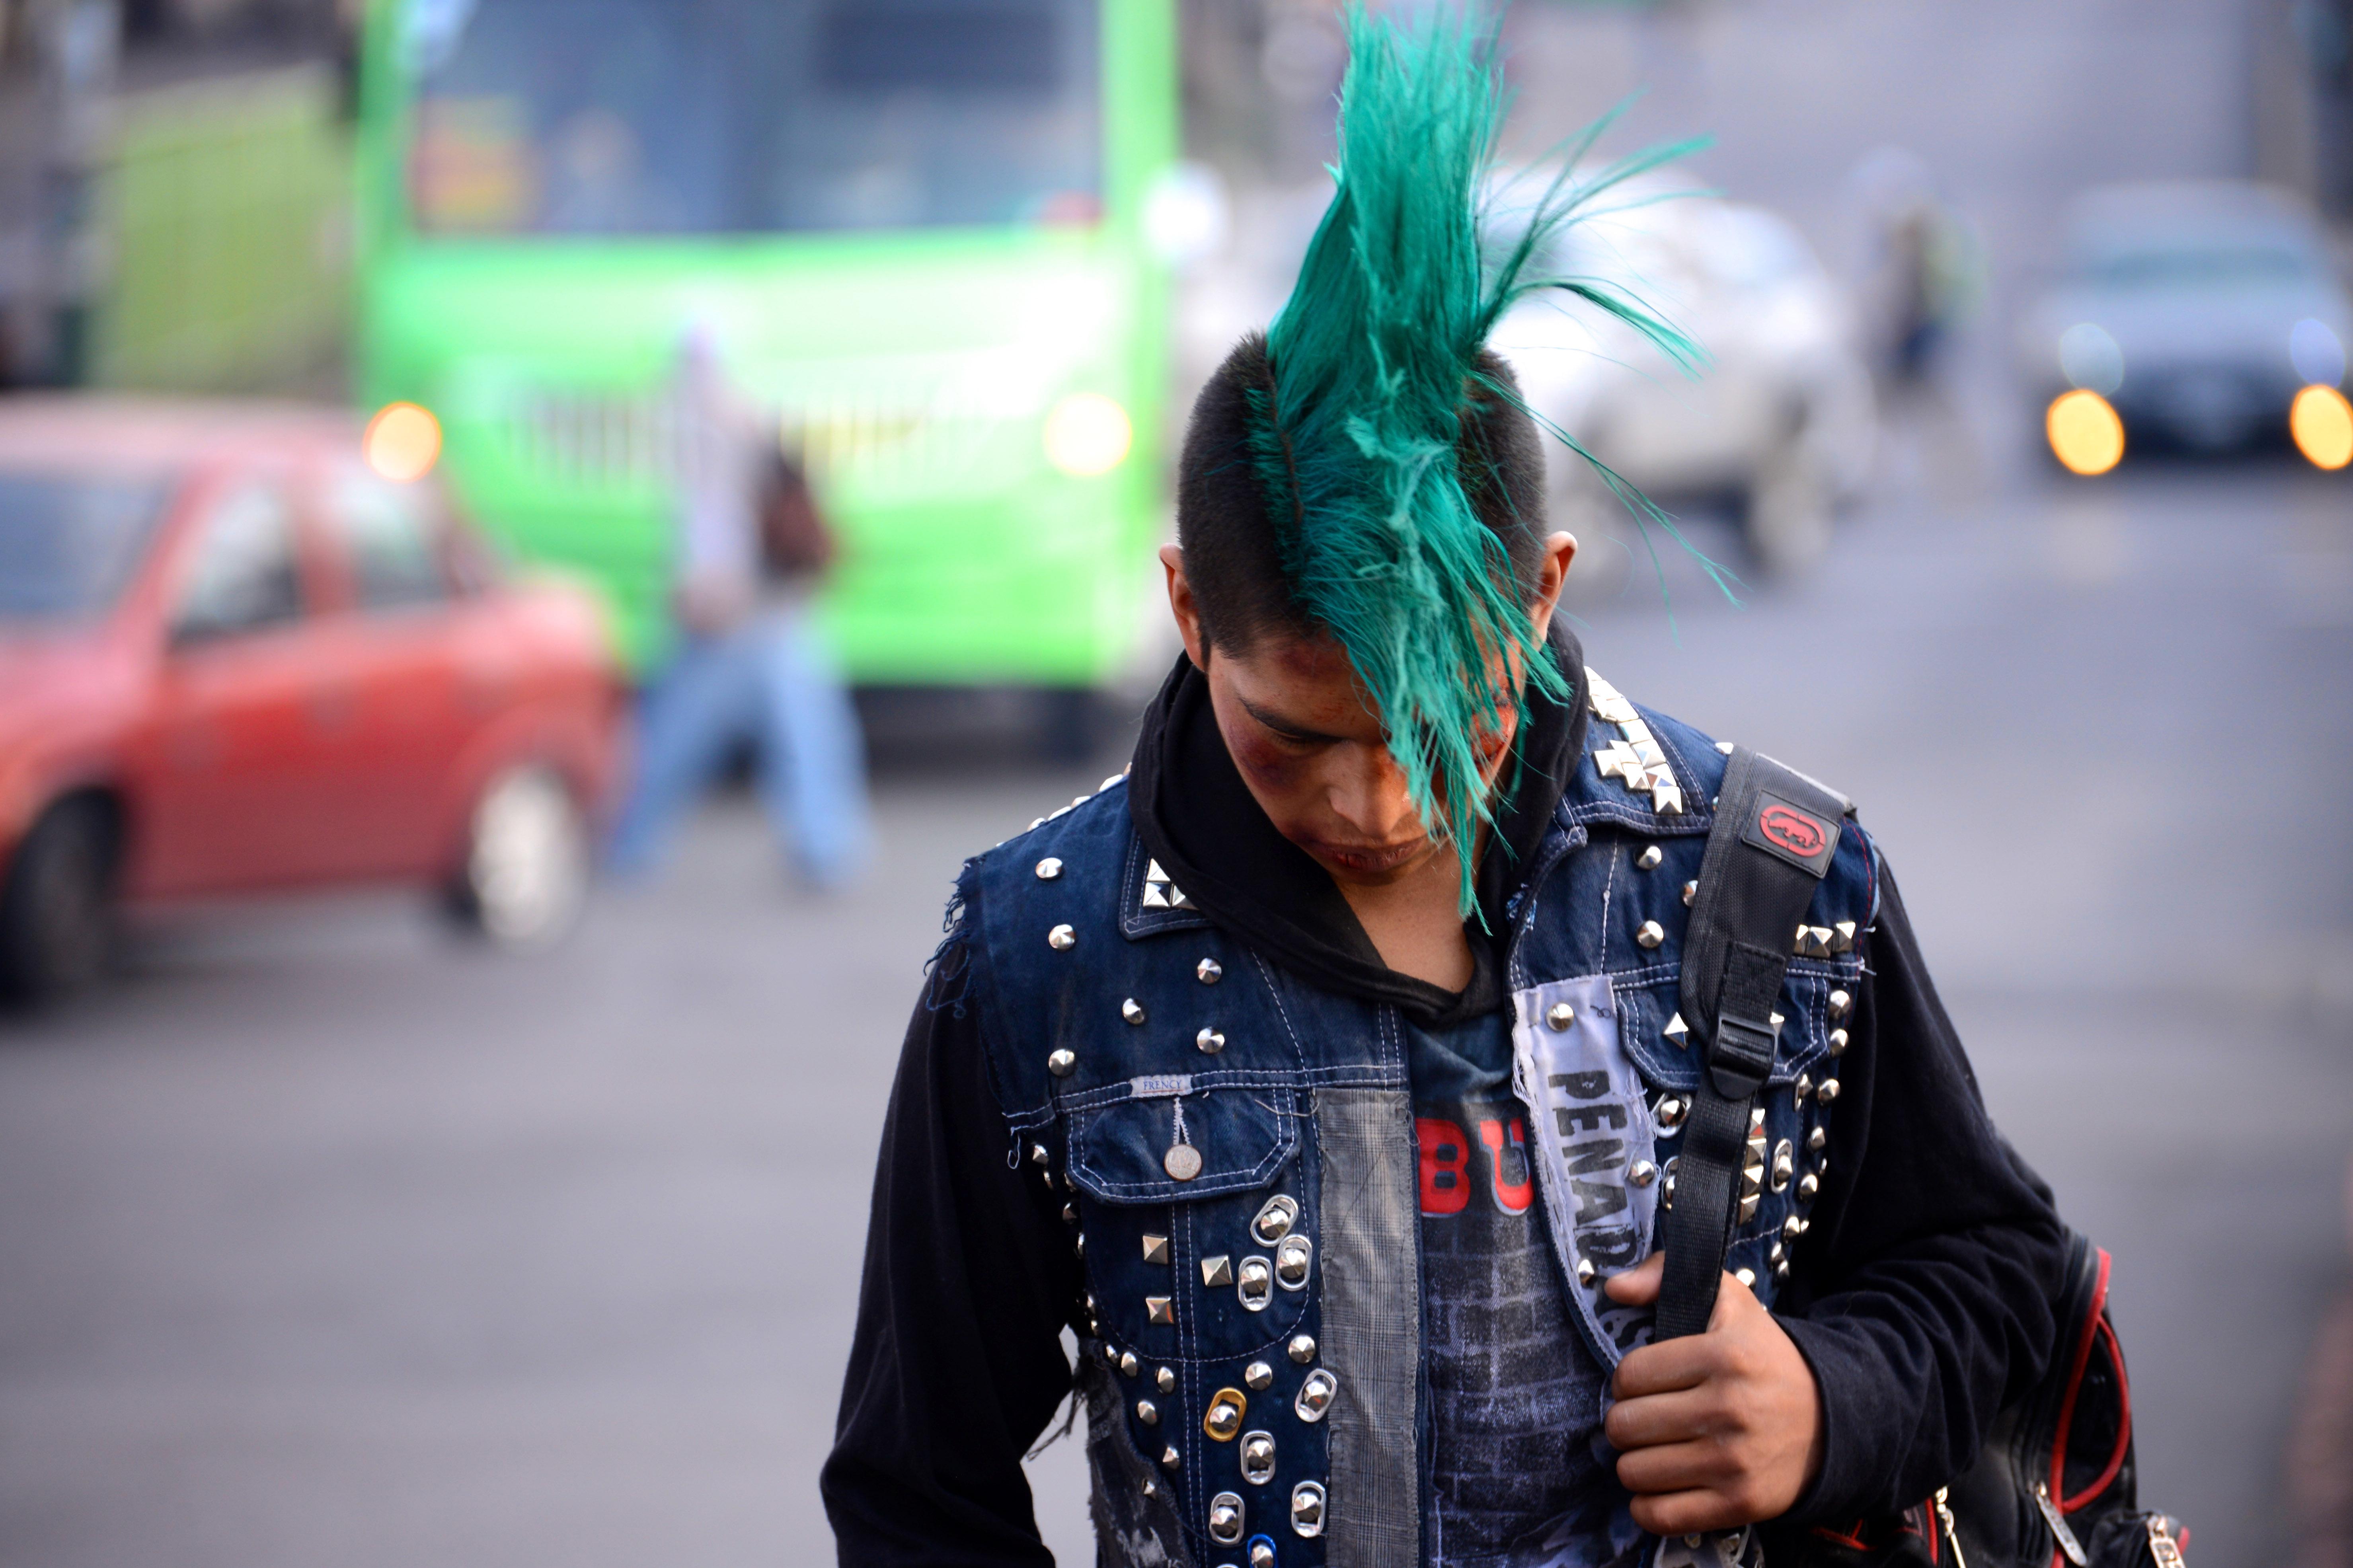 David in the street